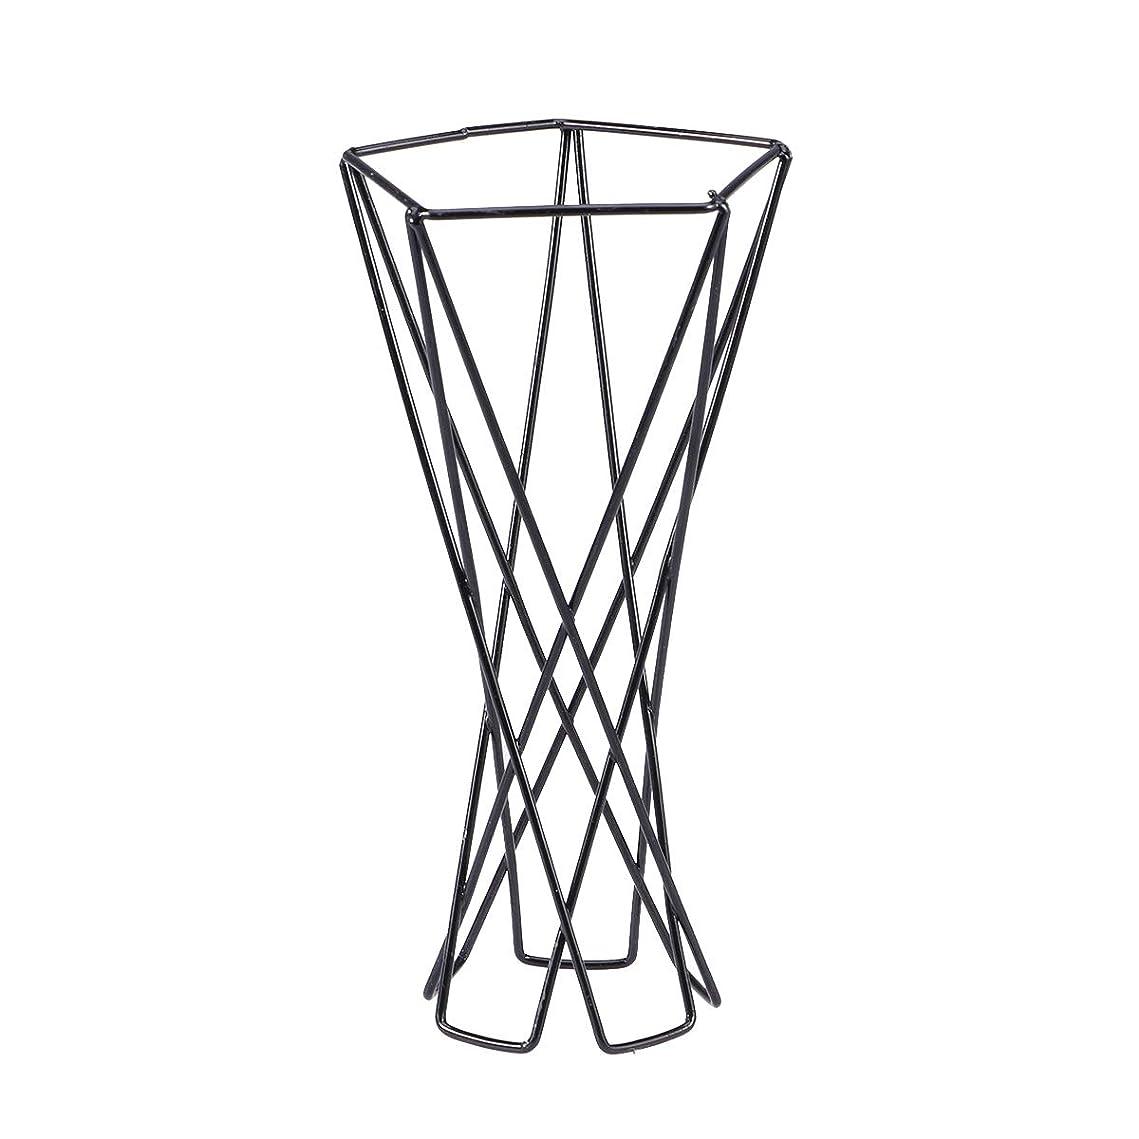 汗漏斗内訳Yardwe ミニ上品なメタルエアプラントスタンドシンプルでエレガントな幾何学的な多肉植物ホルダー(ブラック)